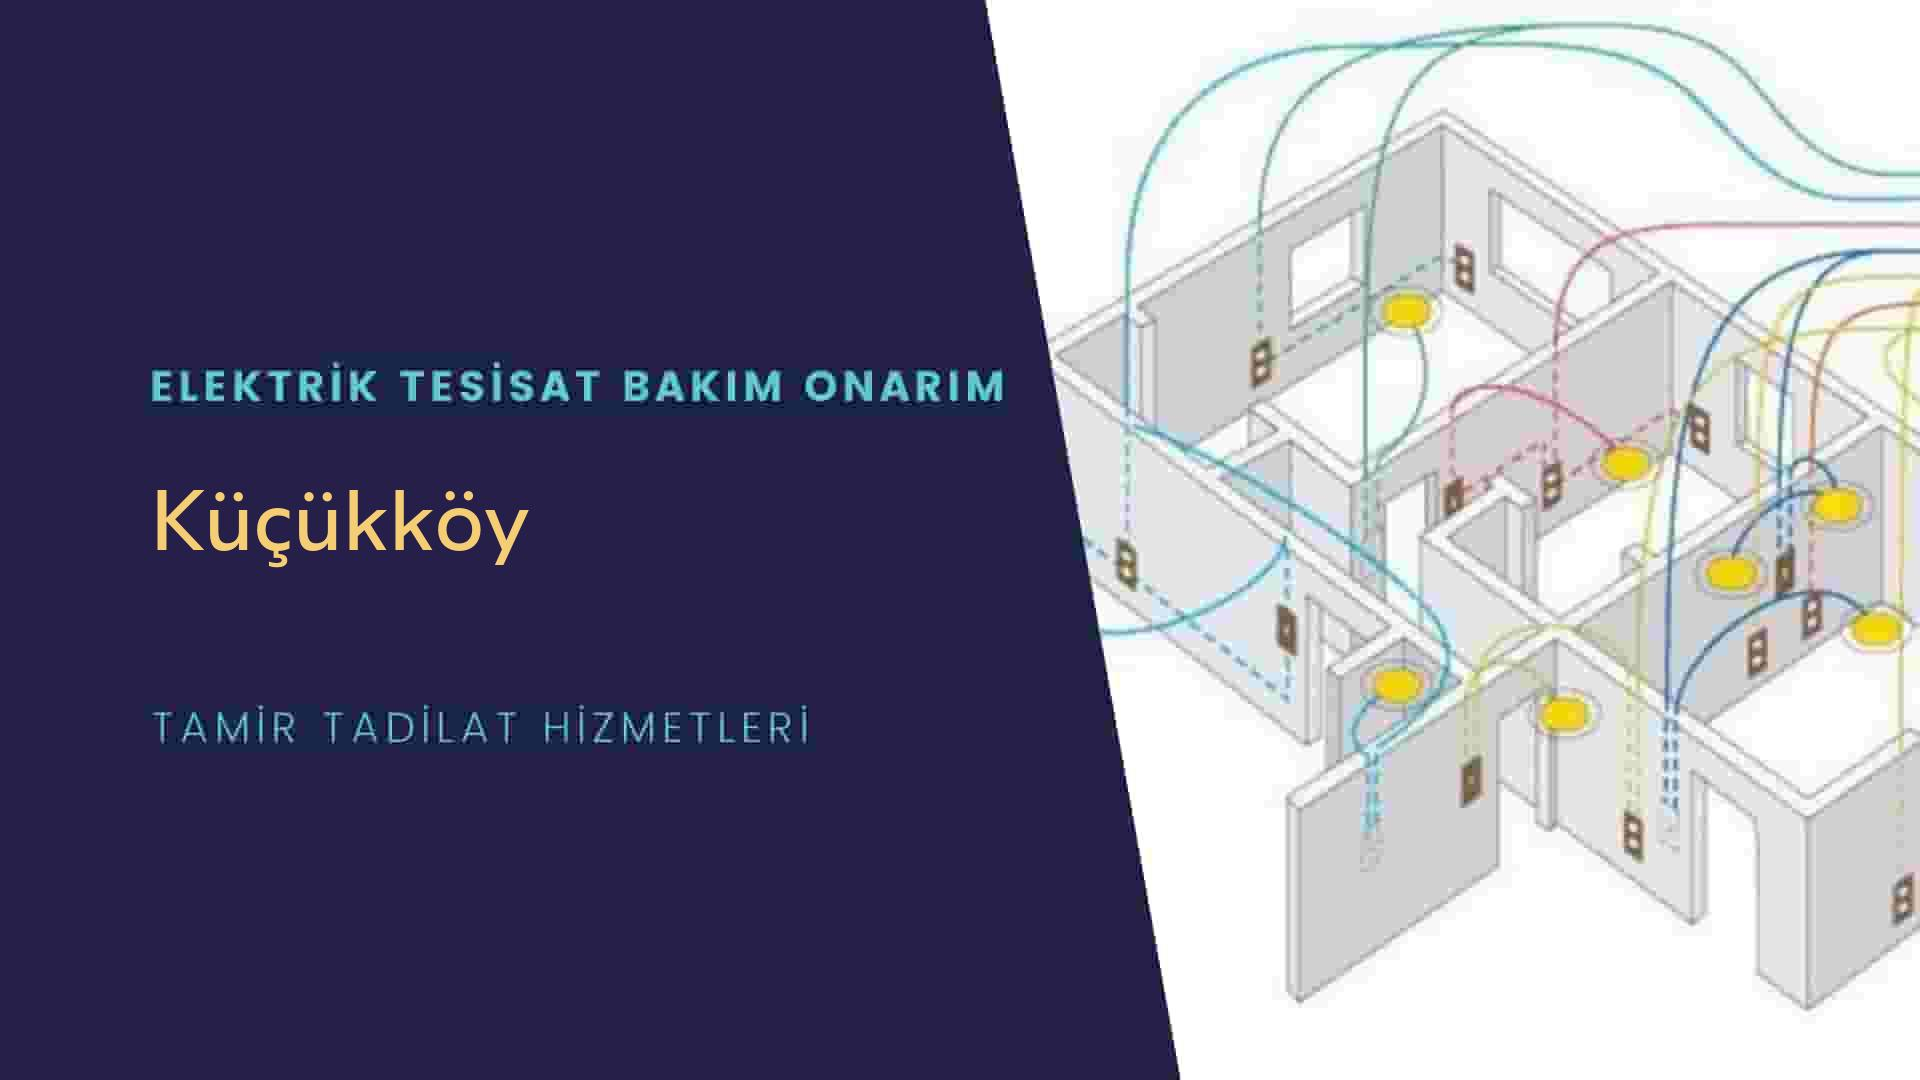 Küçükköy'de elektrik tesisatıustalarımı arıyorsunuz doğru adrestenizi Küçükköy elektrik tesisatı ustalarımız 7/24 sizlere hizmet vermekten mutluluk duyar.